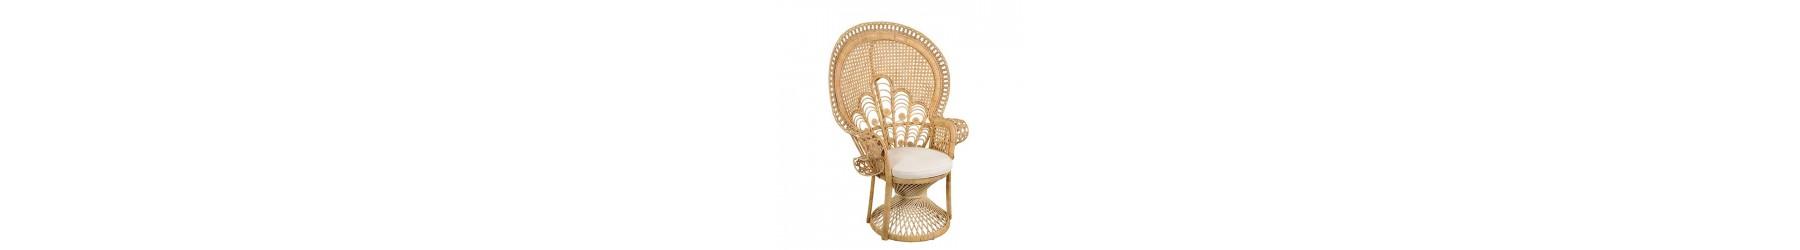 Πολυθρόνες από φυσικό Bamboo υψηλής ποιότητας σε κλασσικό σχεδιασμό.